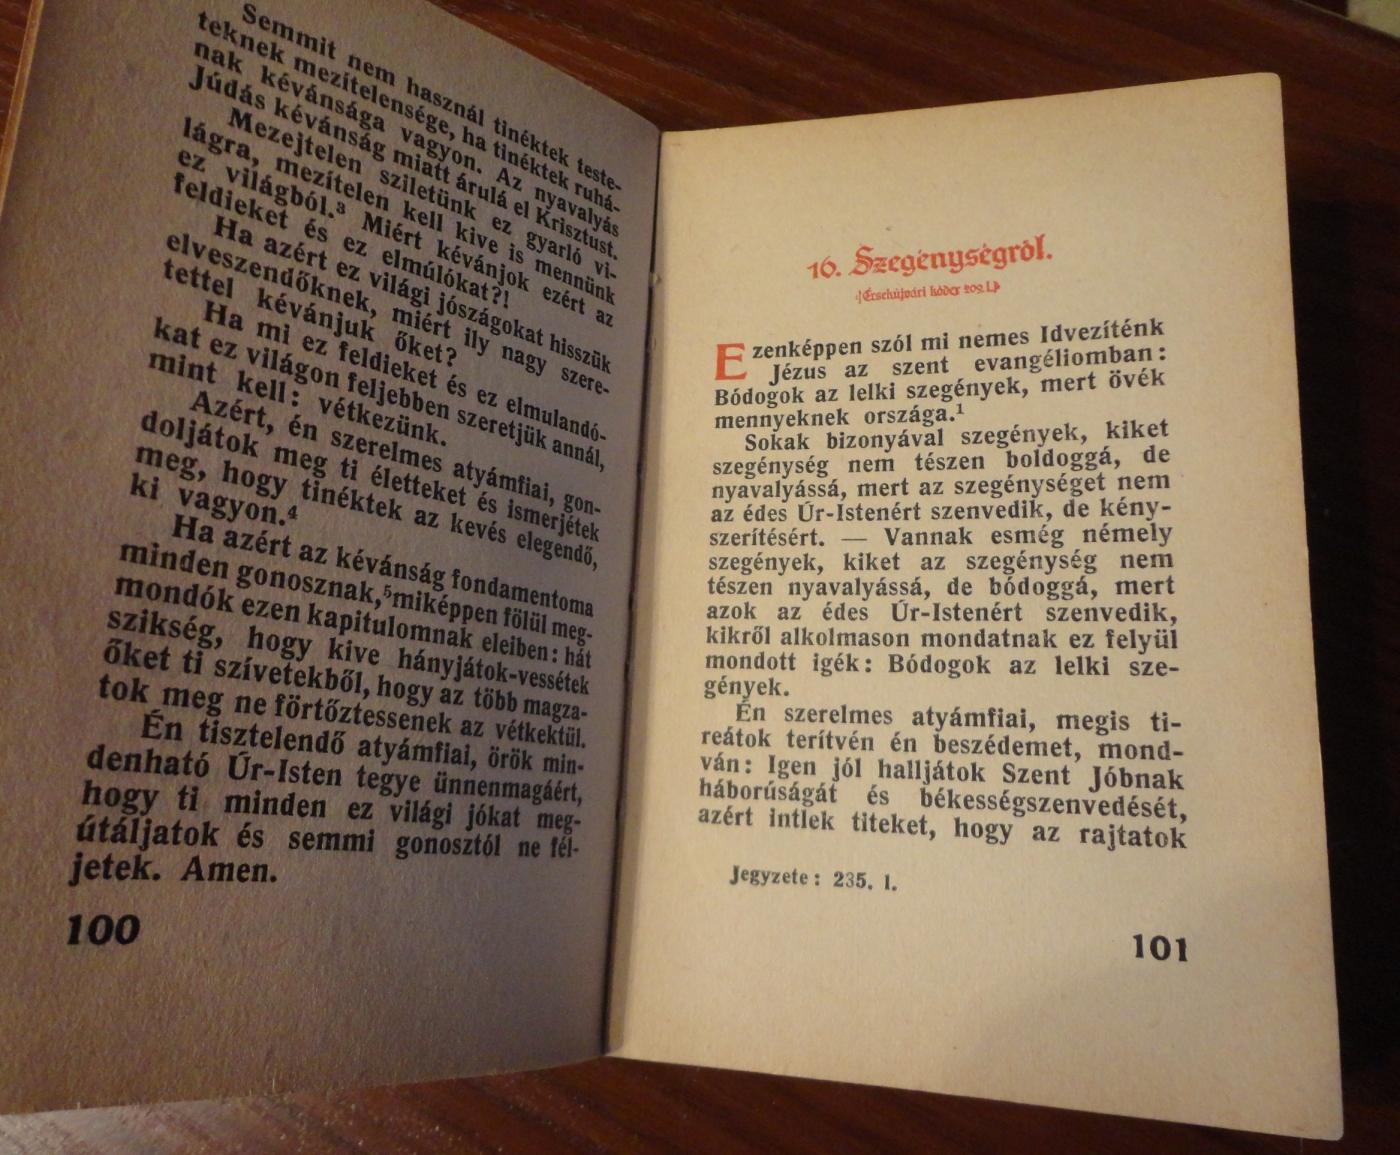 Egy oldalpár A jó élet módja c. könyvből (Szent István Társulat, 1943.)